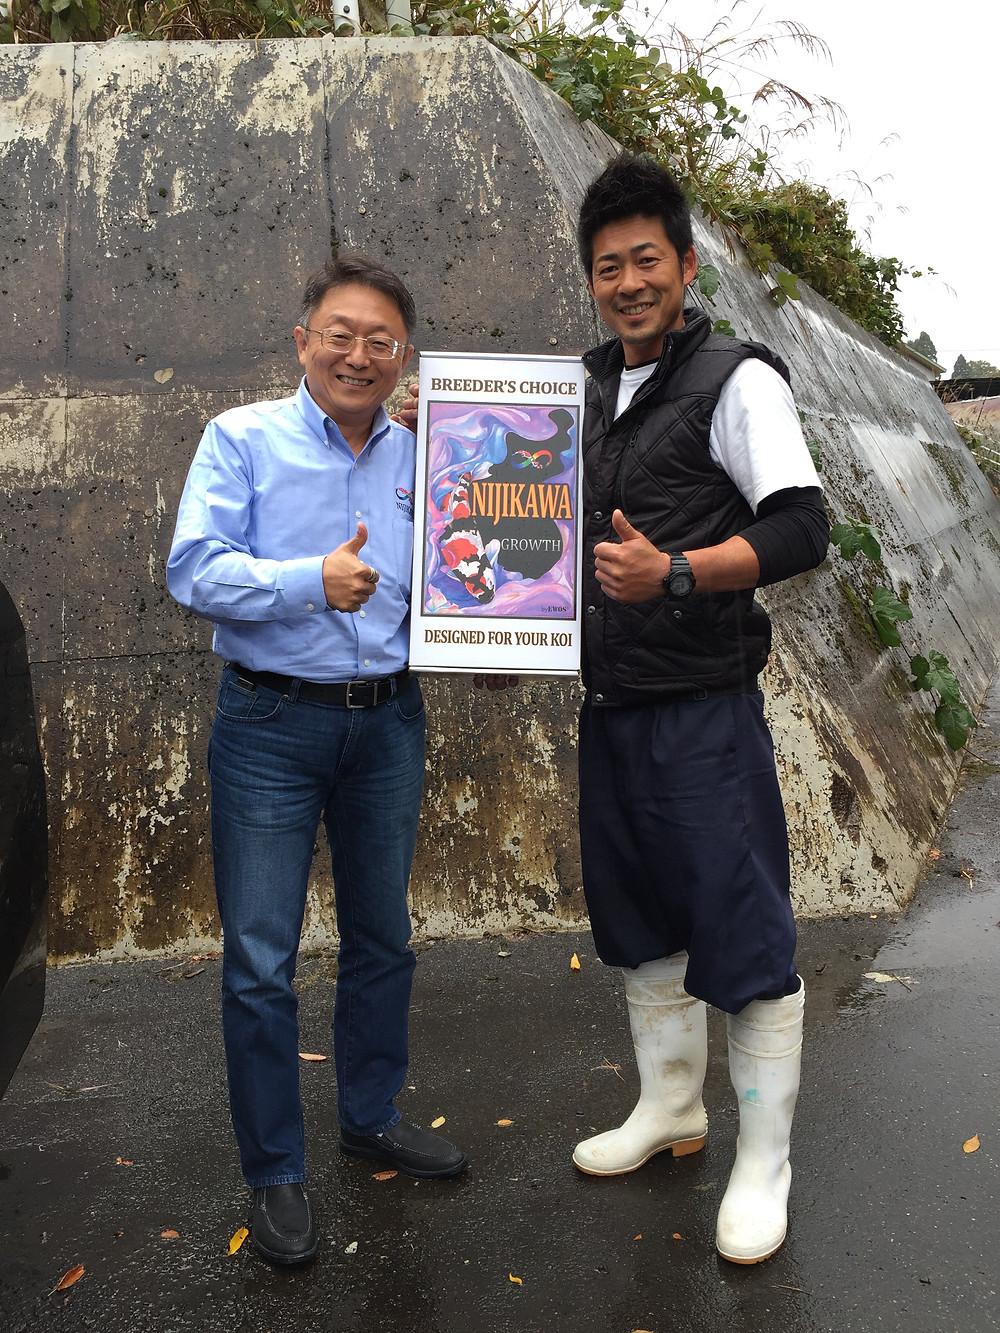 CEO Chien Lee Nijikawa Koi Food Sekiguchi koi Farm